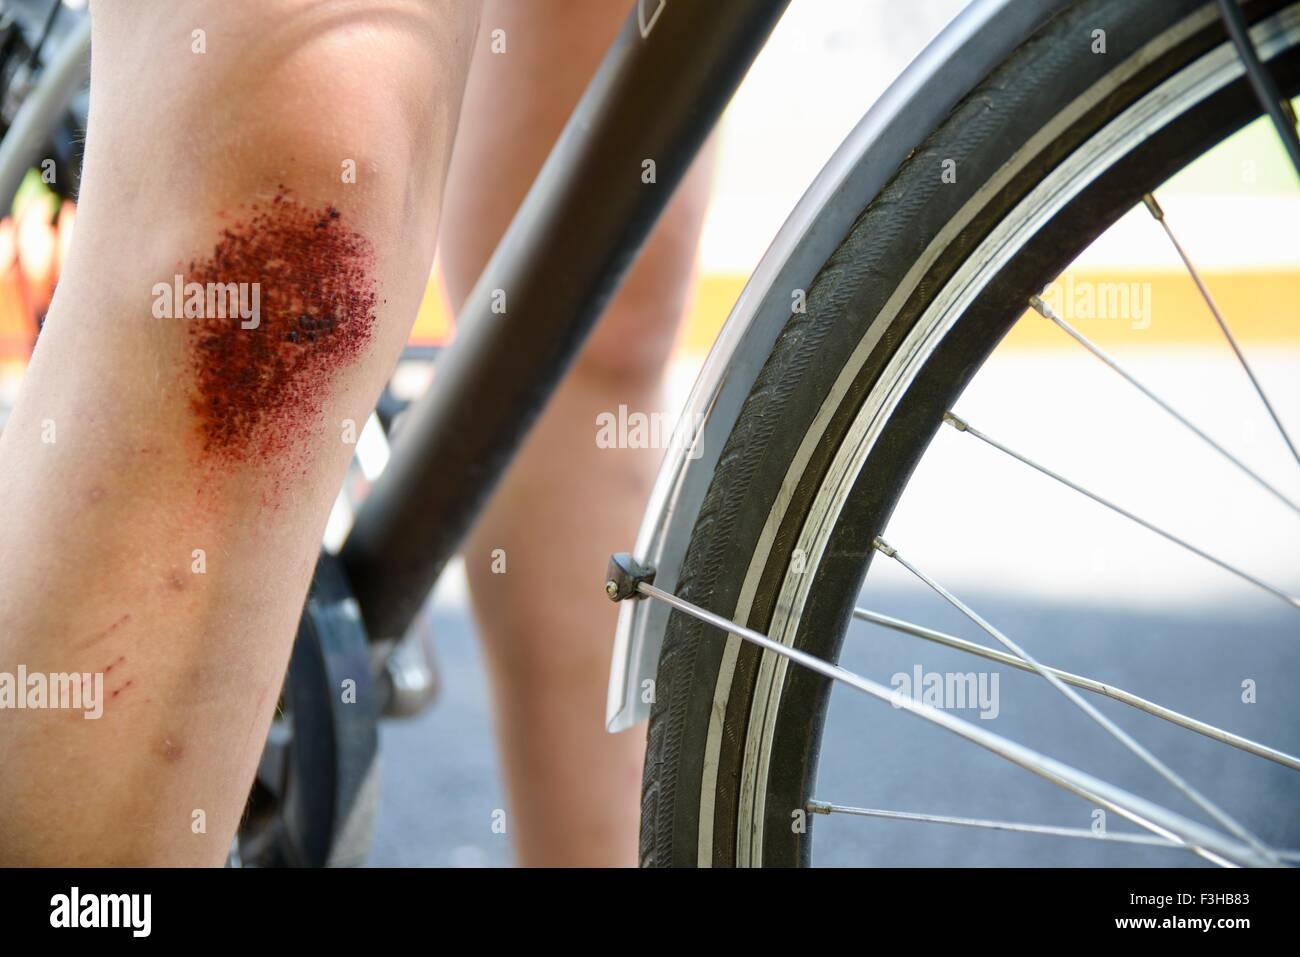 Portrait de location et les filles avec la jambe du genou éraflé Photo Stock